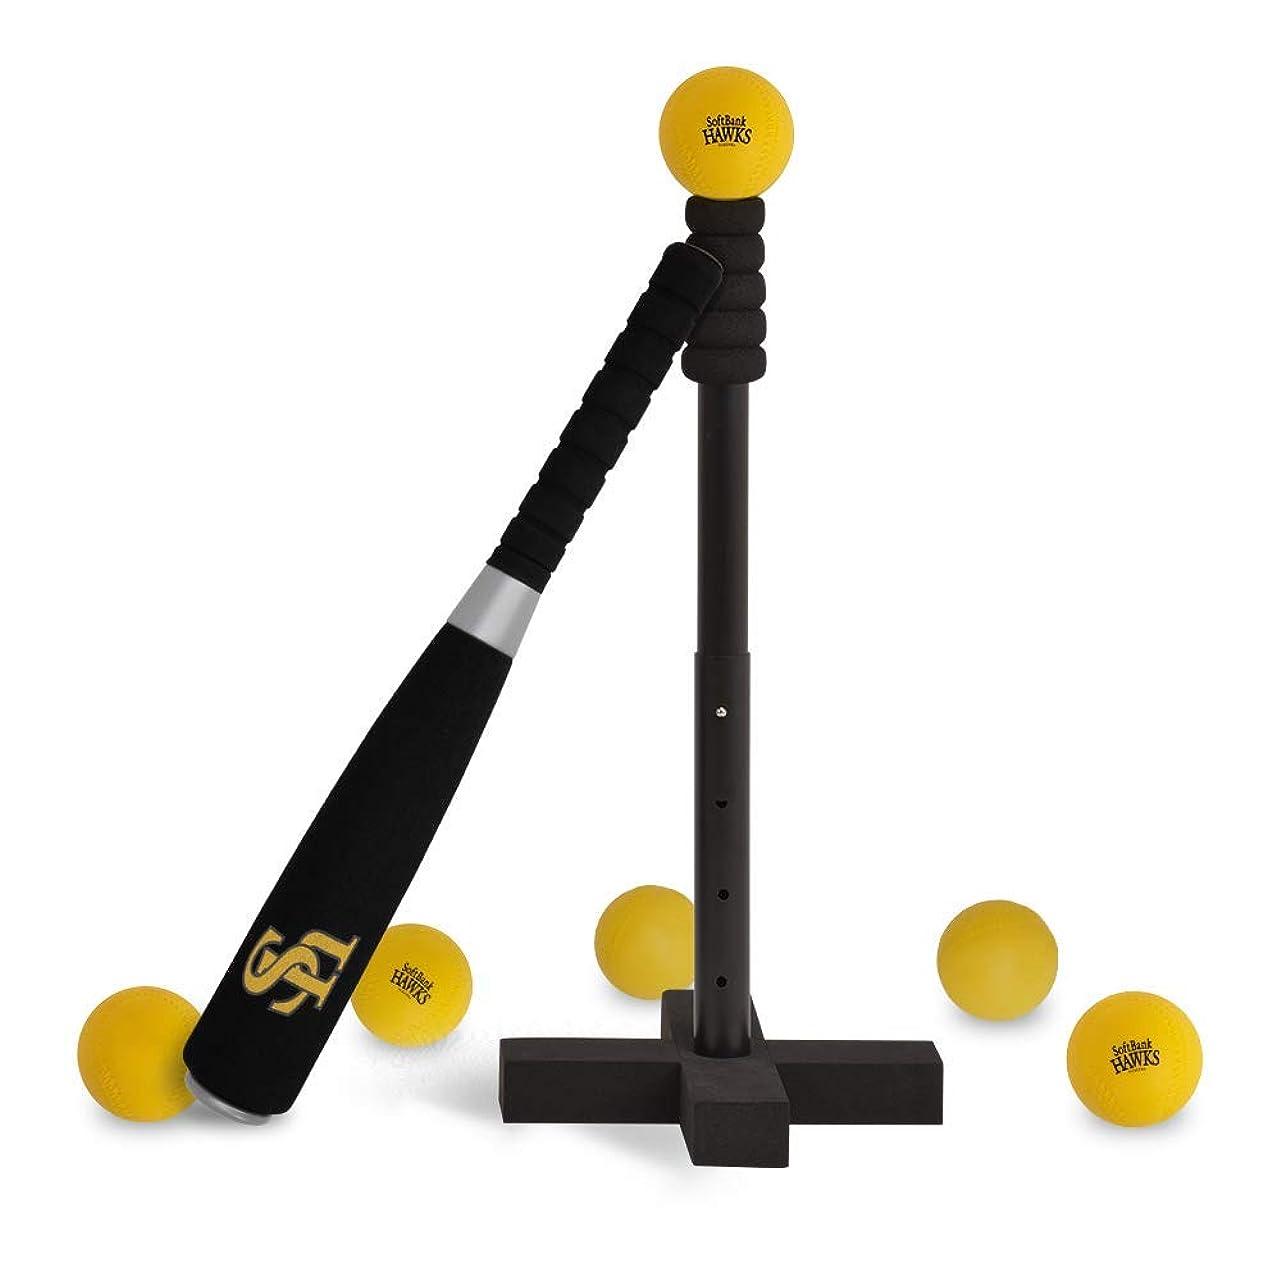 スラム街前売シーフードSoftBank HAWKS (ソフトバンクホークス公式) 野球 バッティングセット キッズ バット+ティー+ボール付 やわらかボール6個付き 高さ調整可